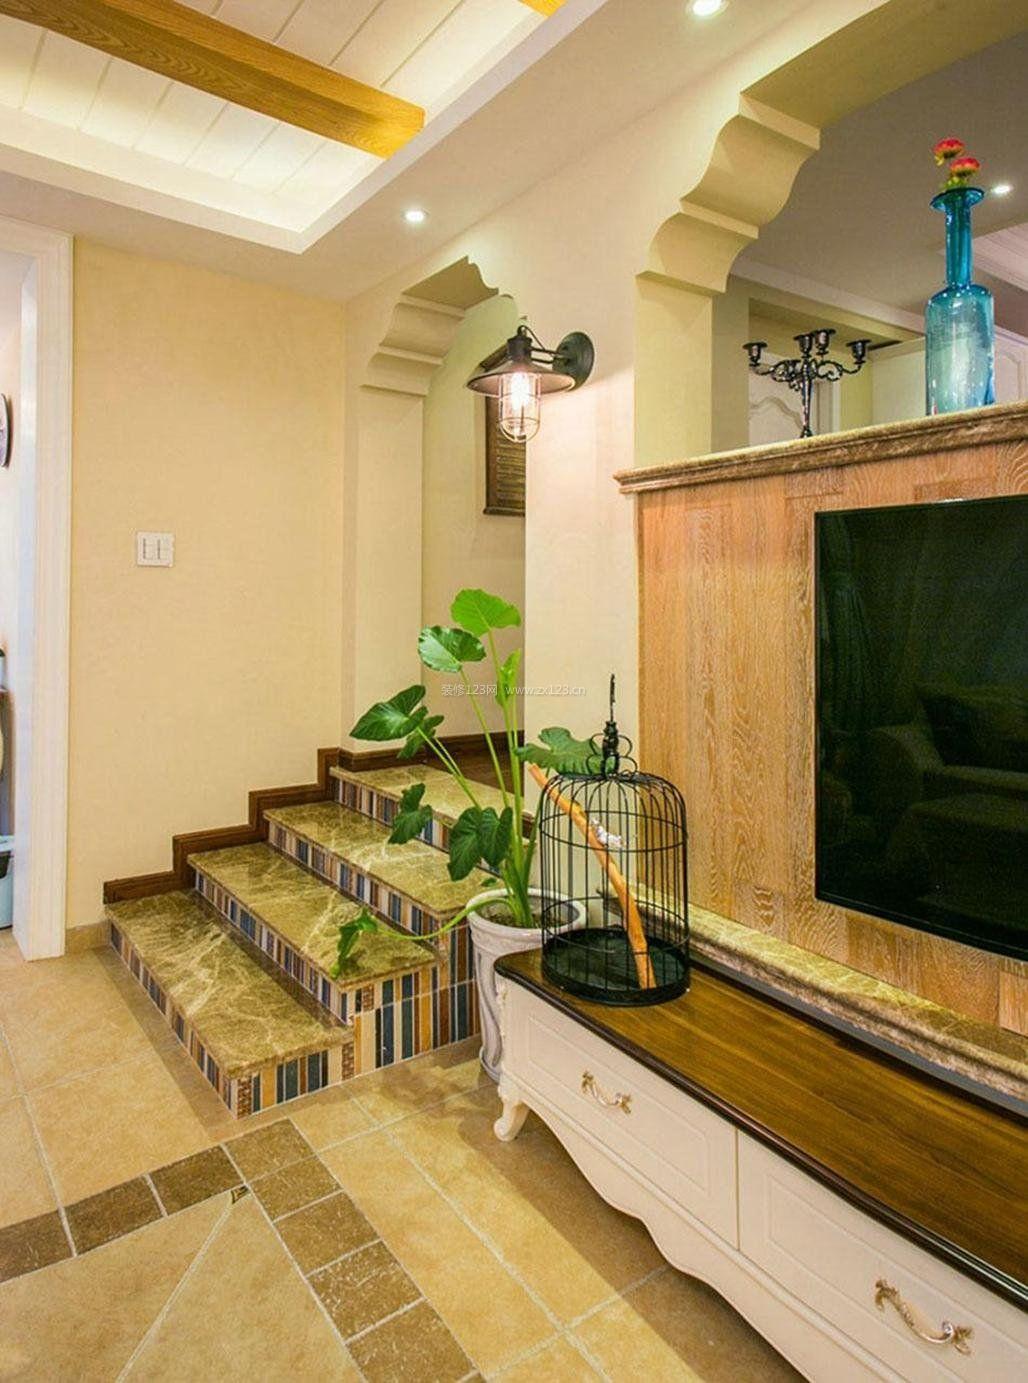 乡村田园风格房屋室内楼梯设计图_装修123效果图